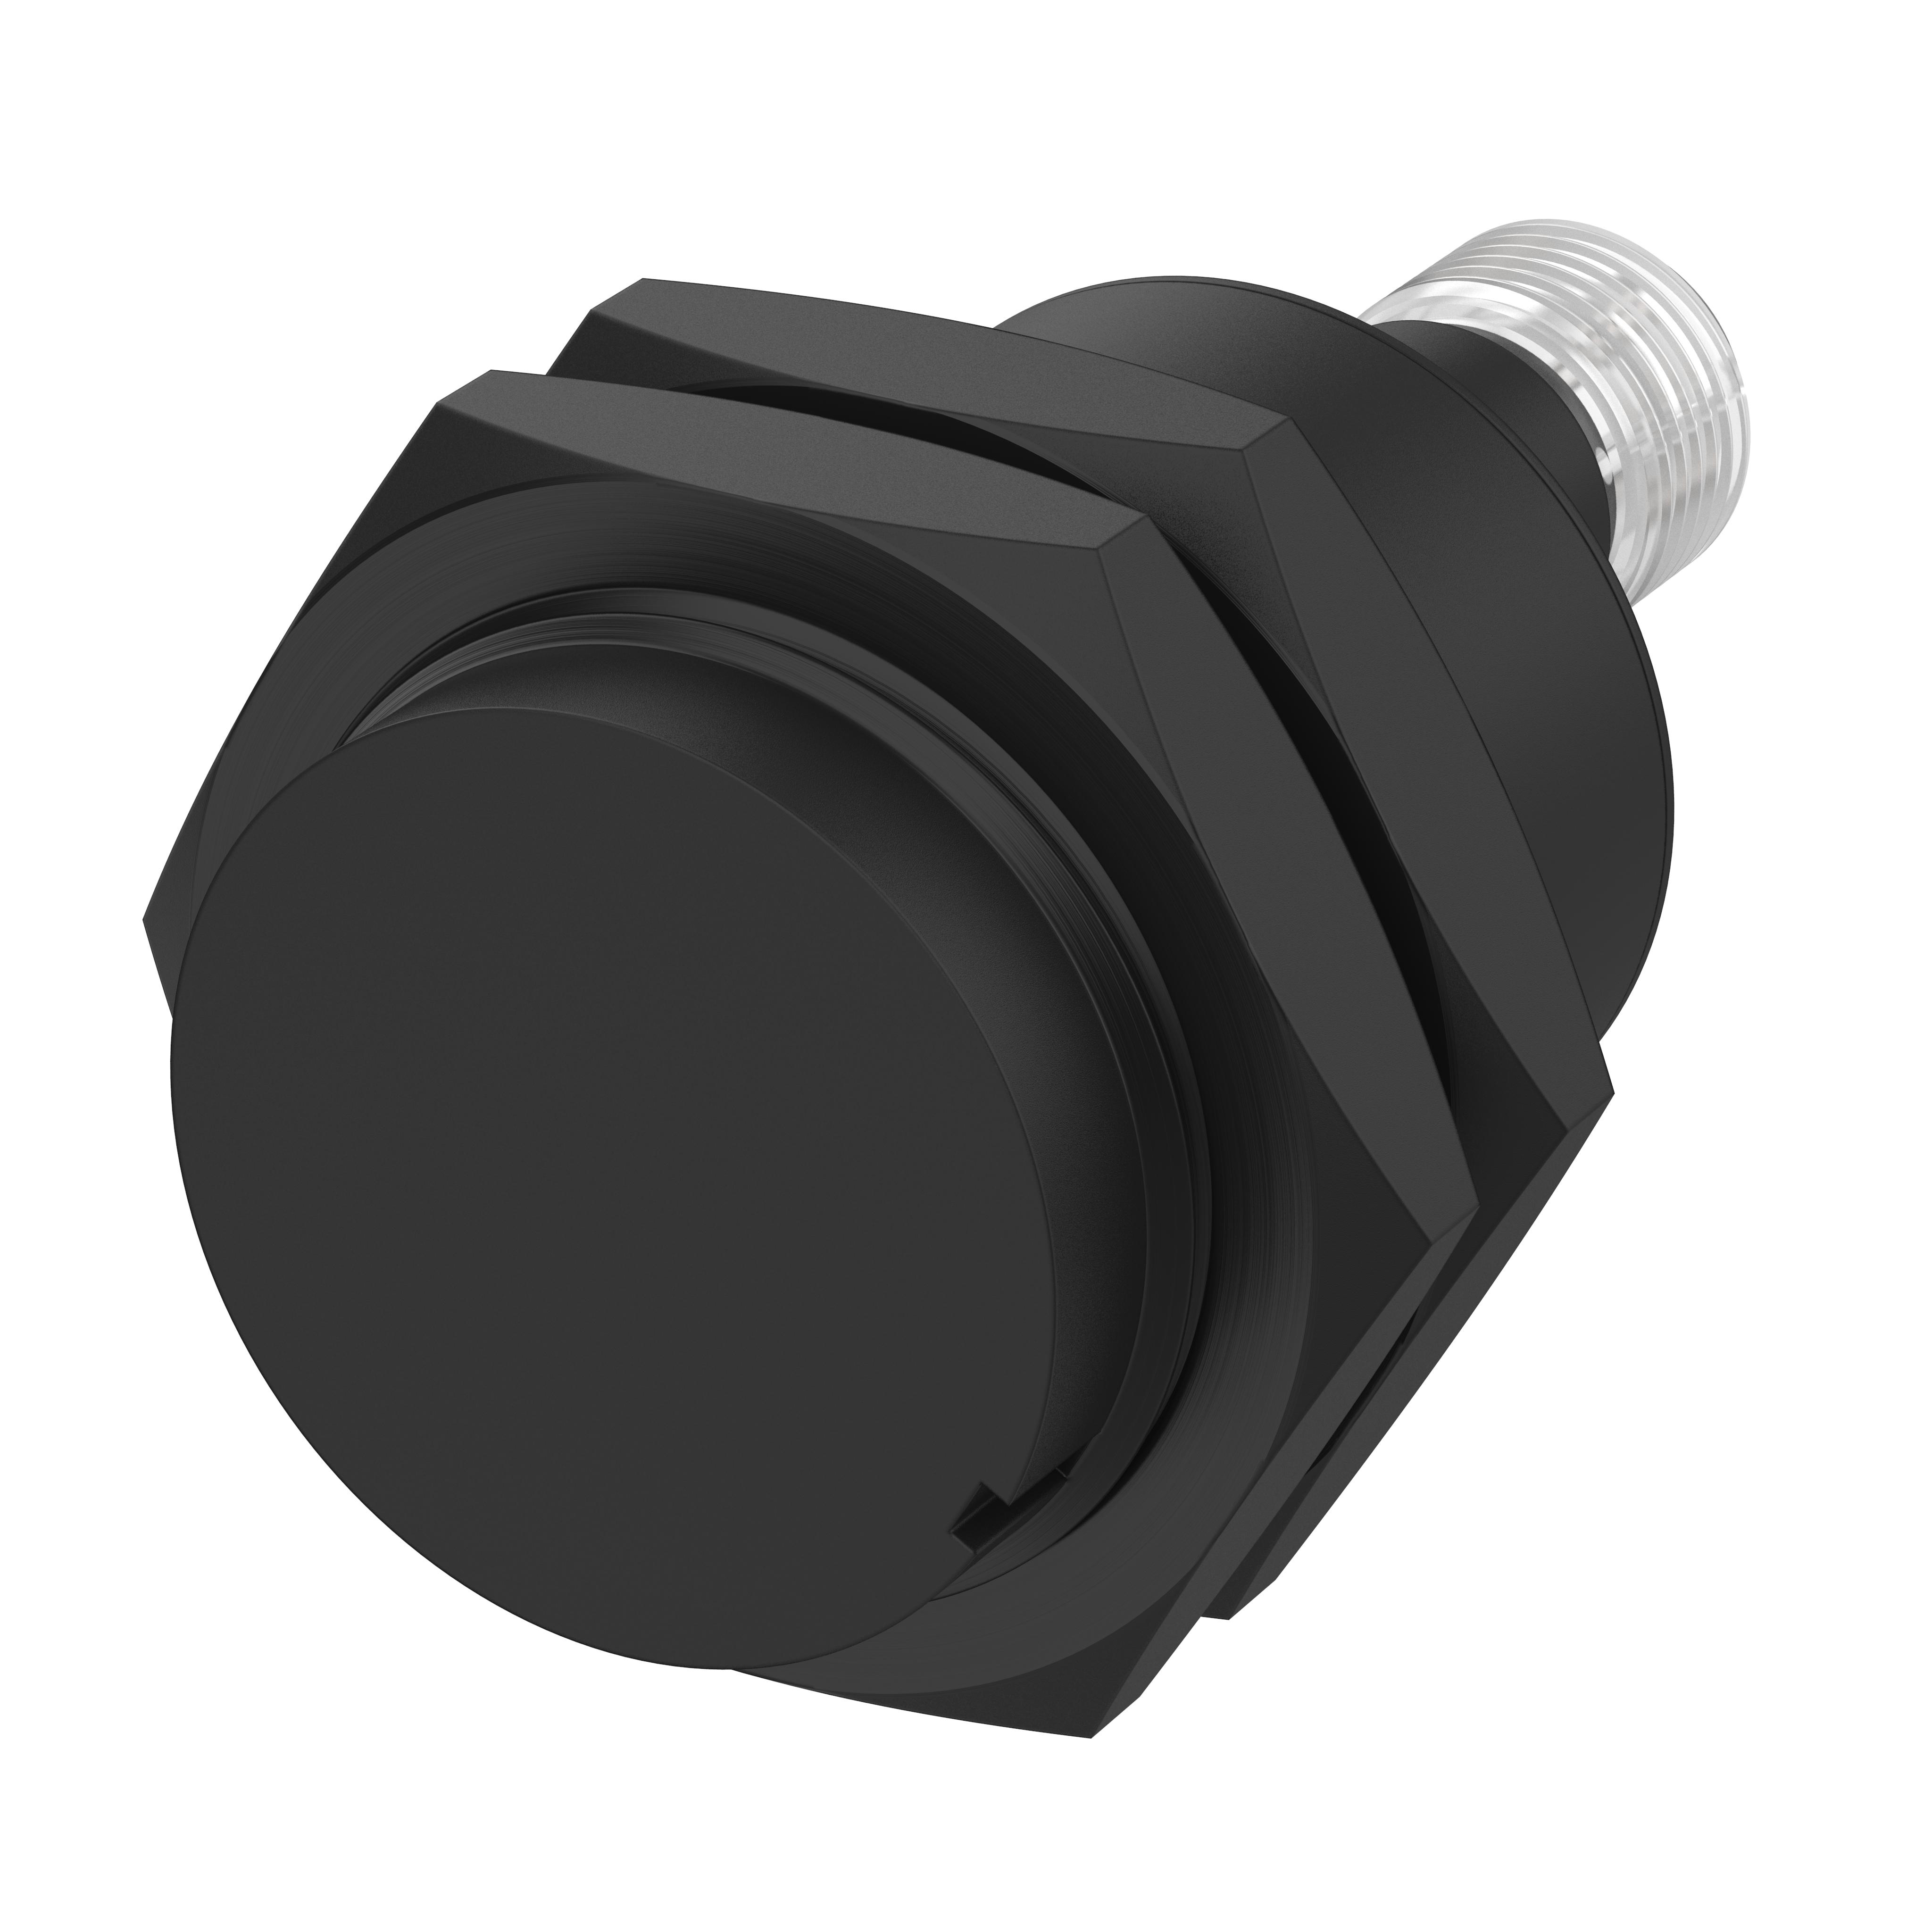 Sicherheitssensor - 171271AY - magnetisch betätigt - Schließer/Öffner, Einbaustecker M12